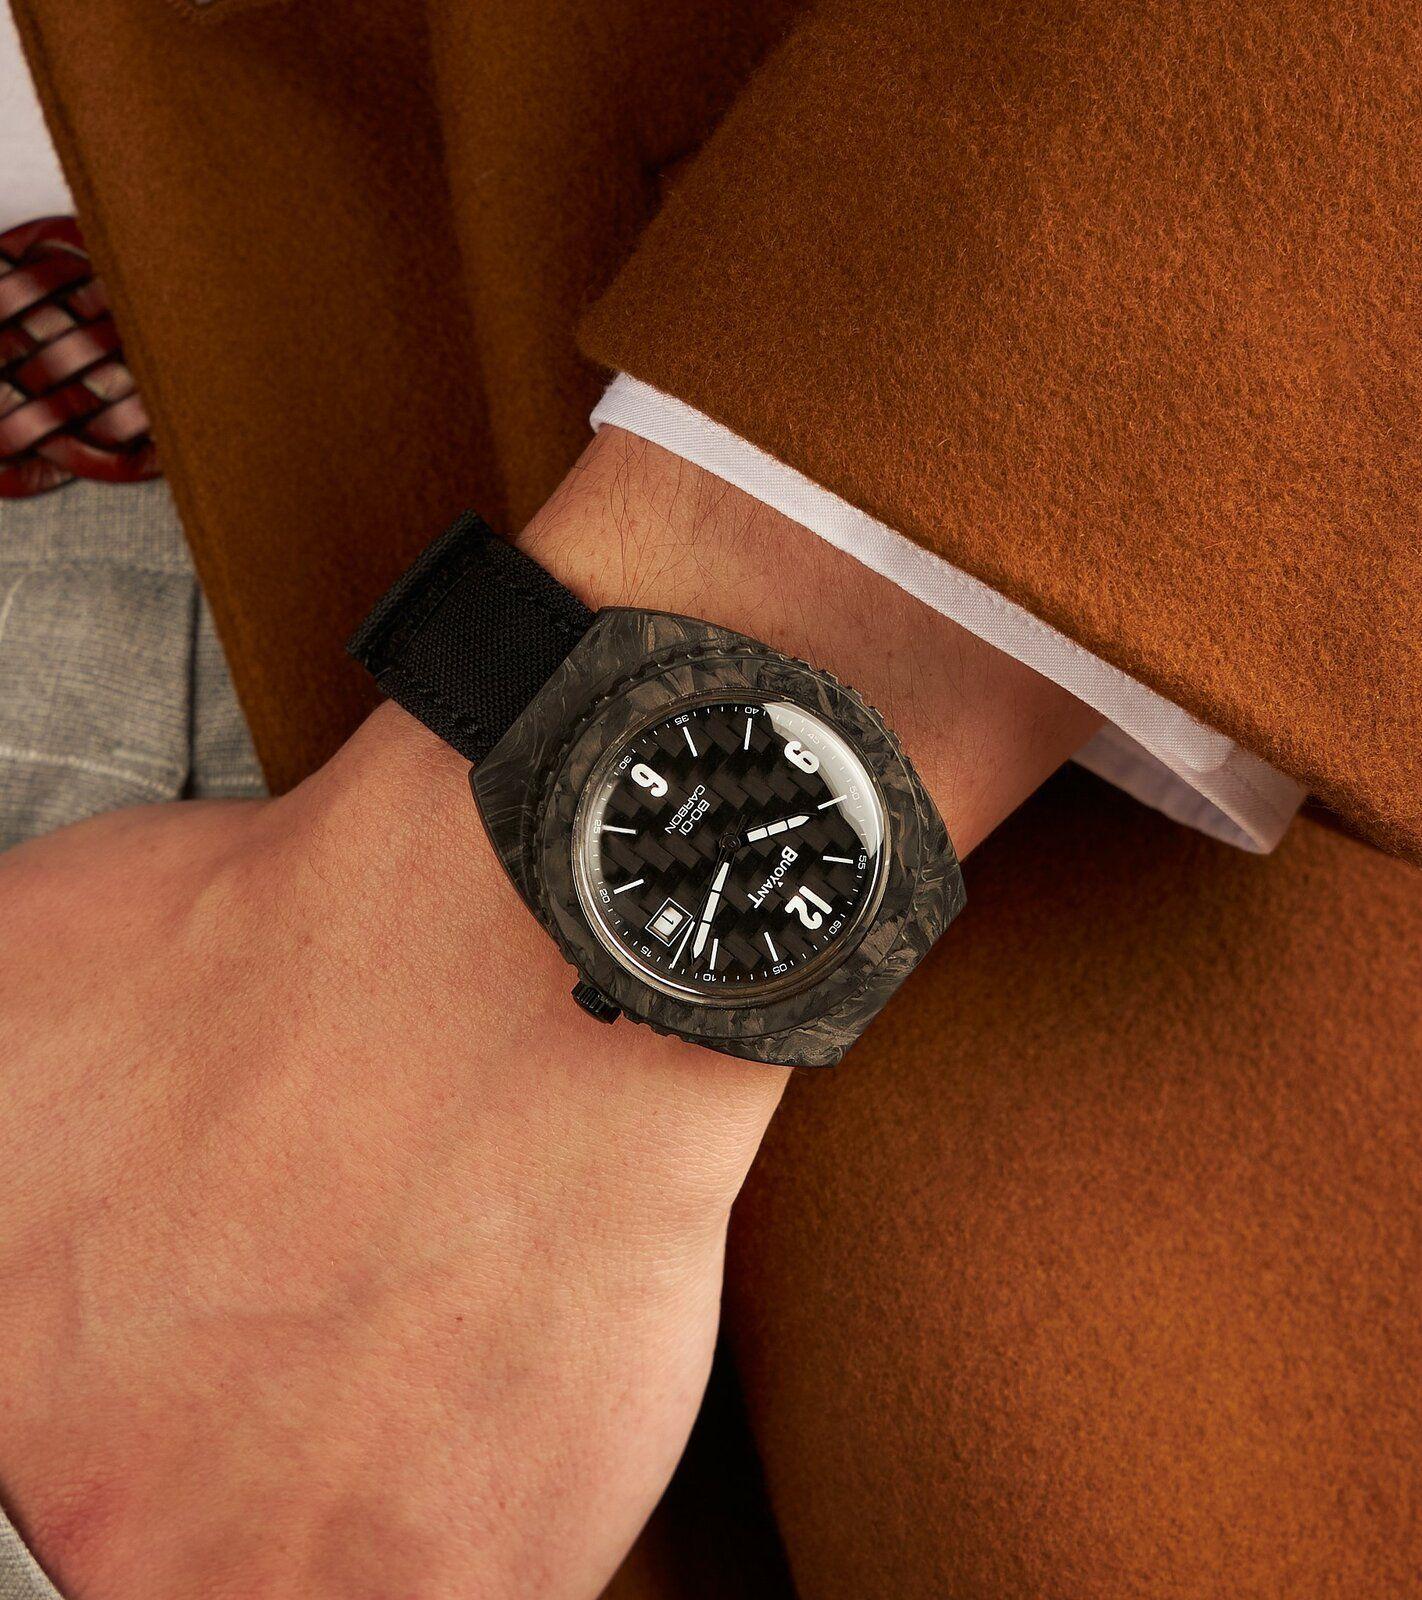 Reloj en Muñeca.jpg